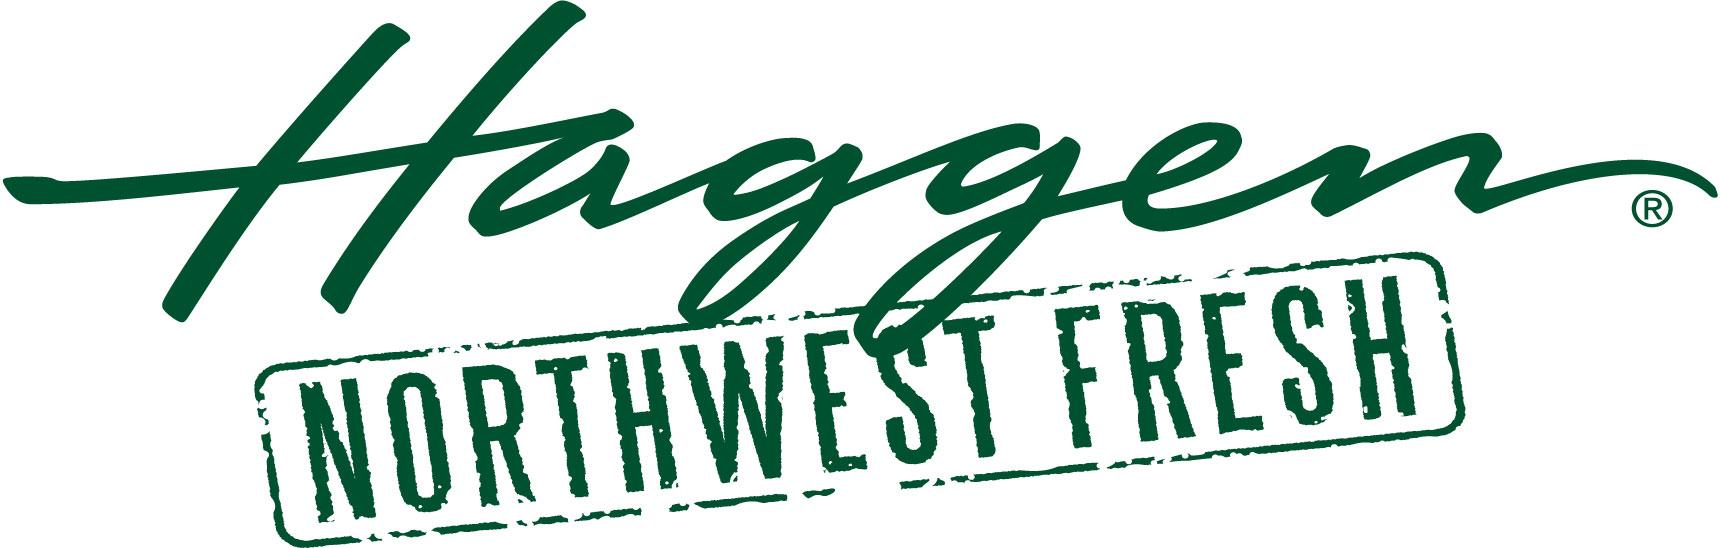 Haggen-NW-Fresh.jpg